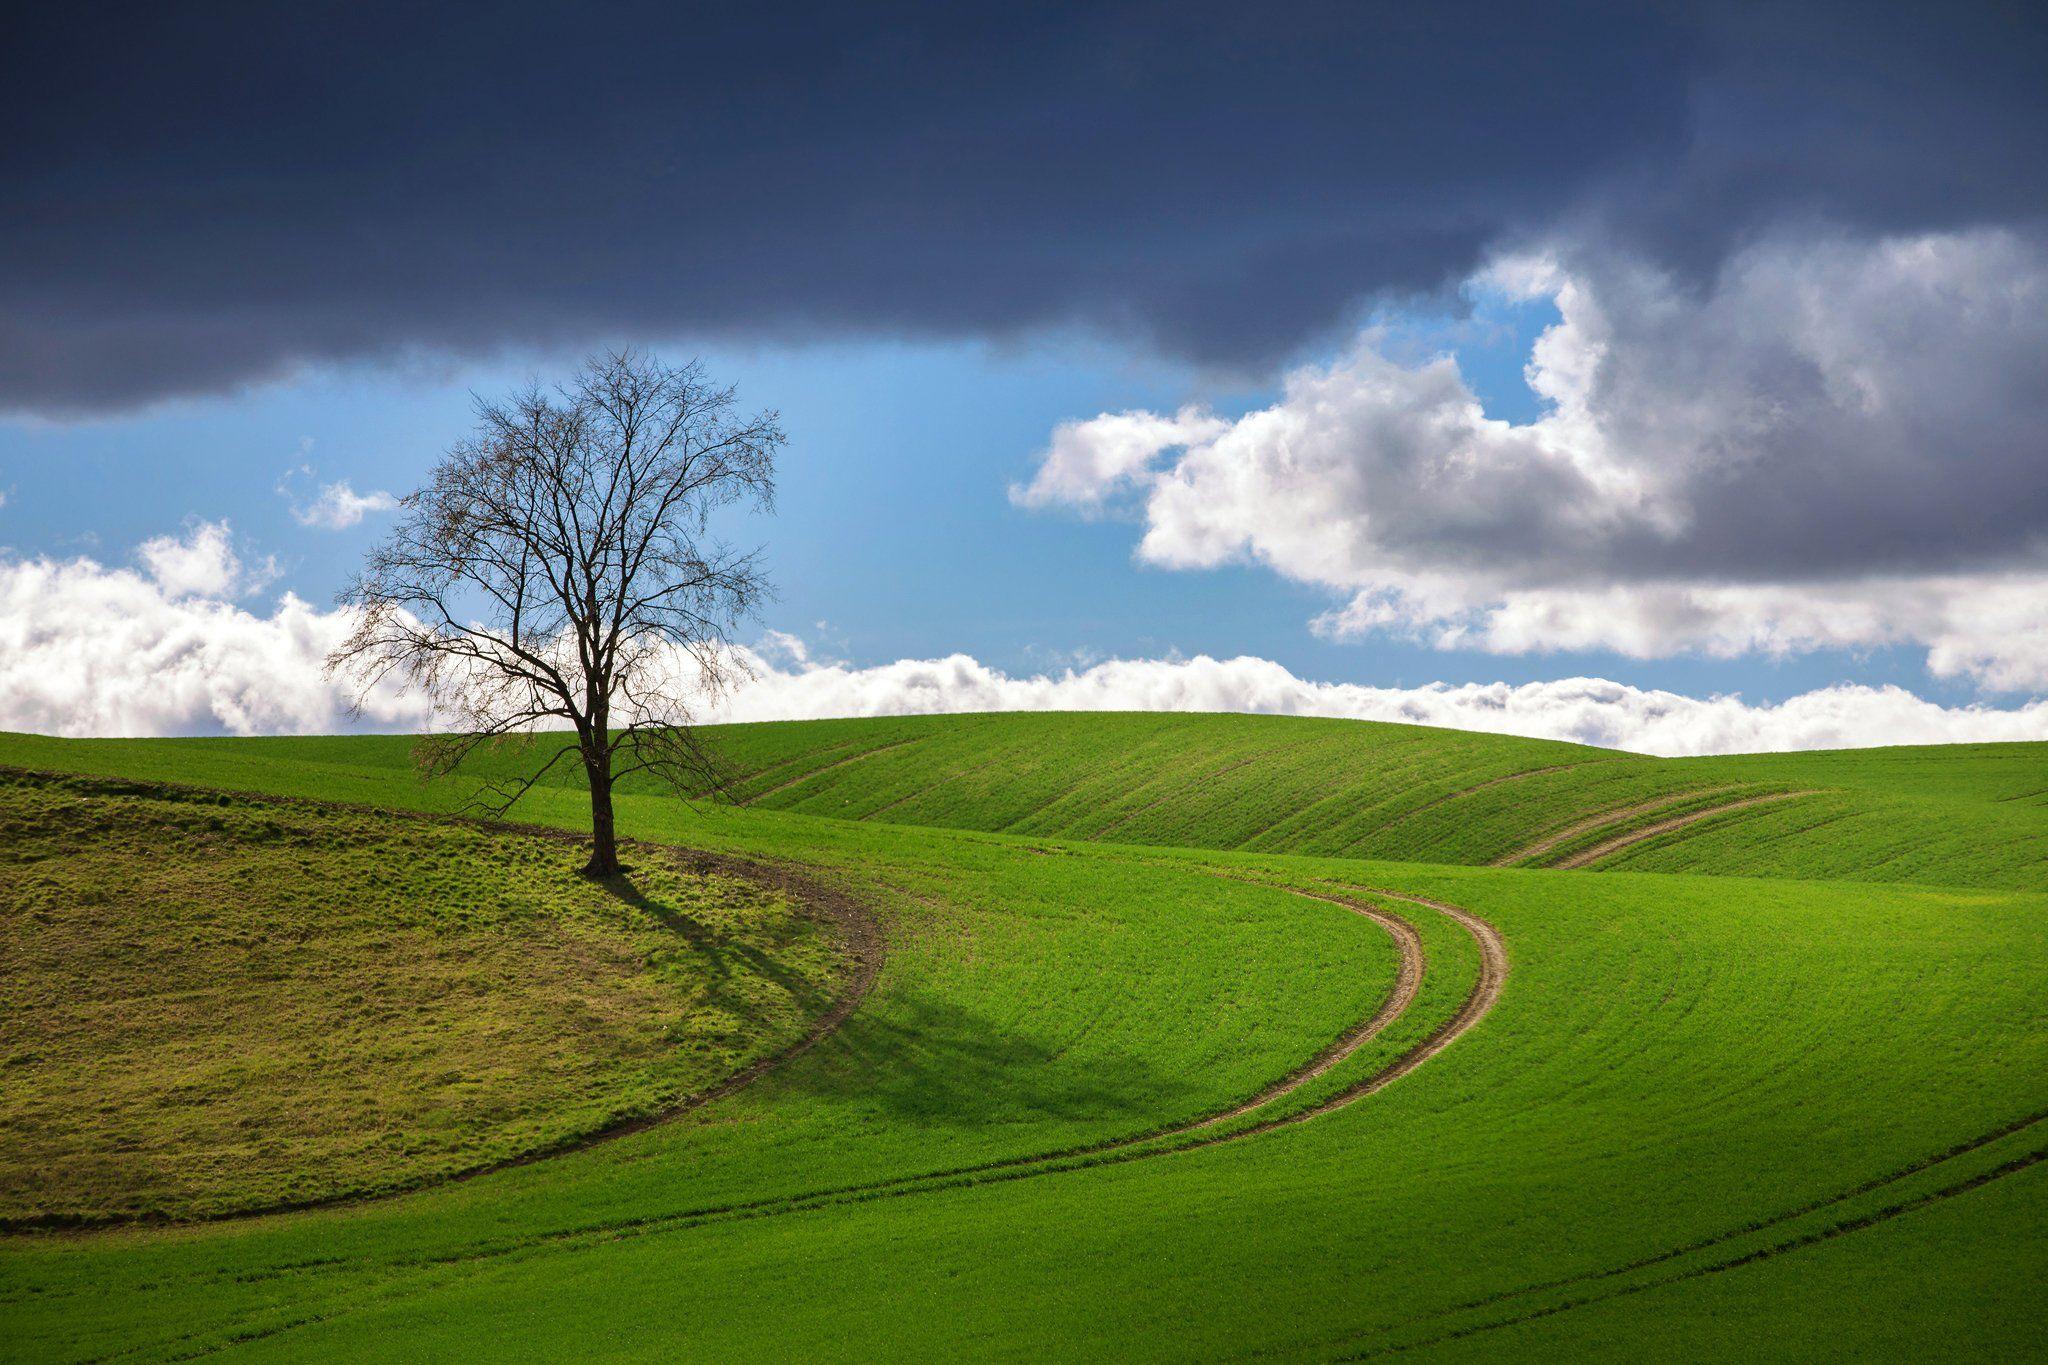 весенний пейзаж spring landscape green poland tree blue sky canon сельское хозяйство nature clouds, Radoslaw Dranikowski